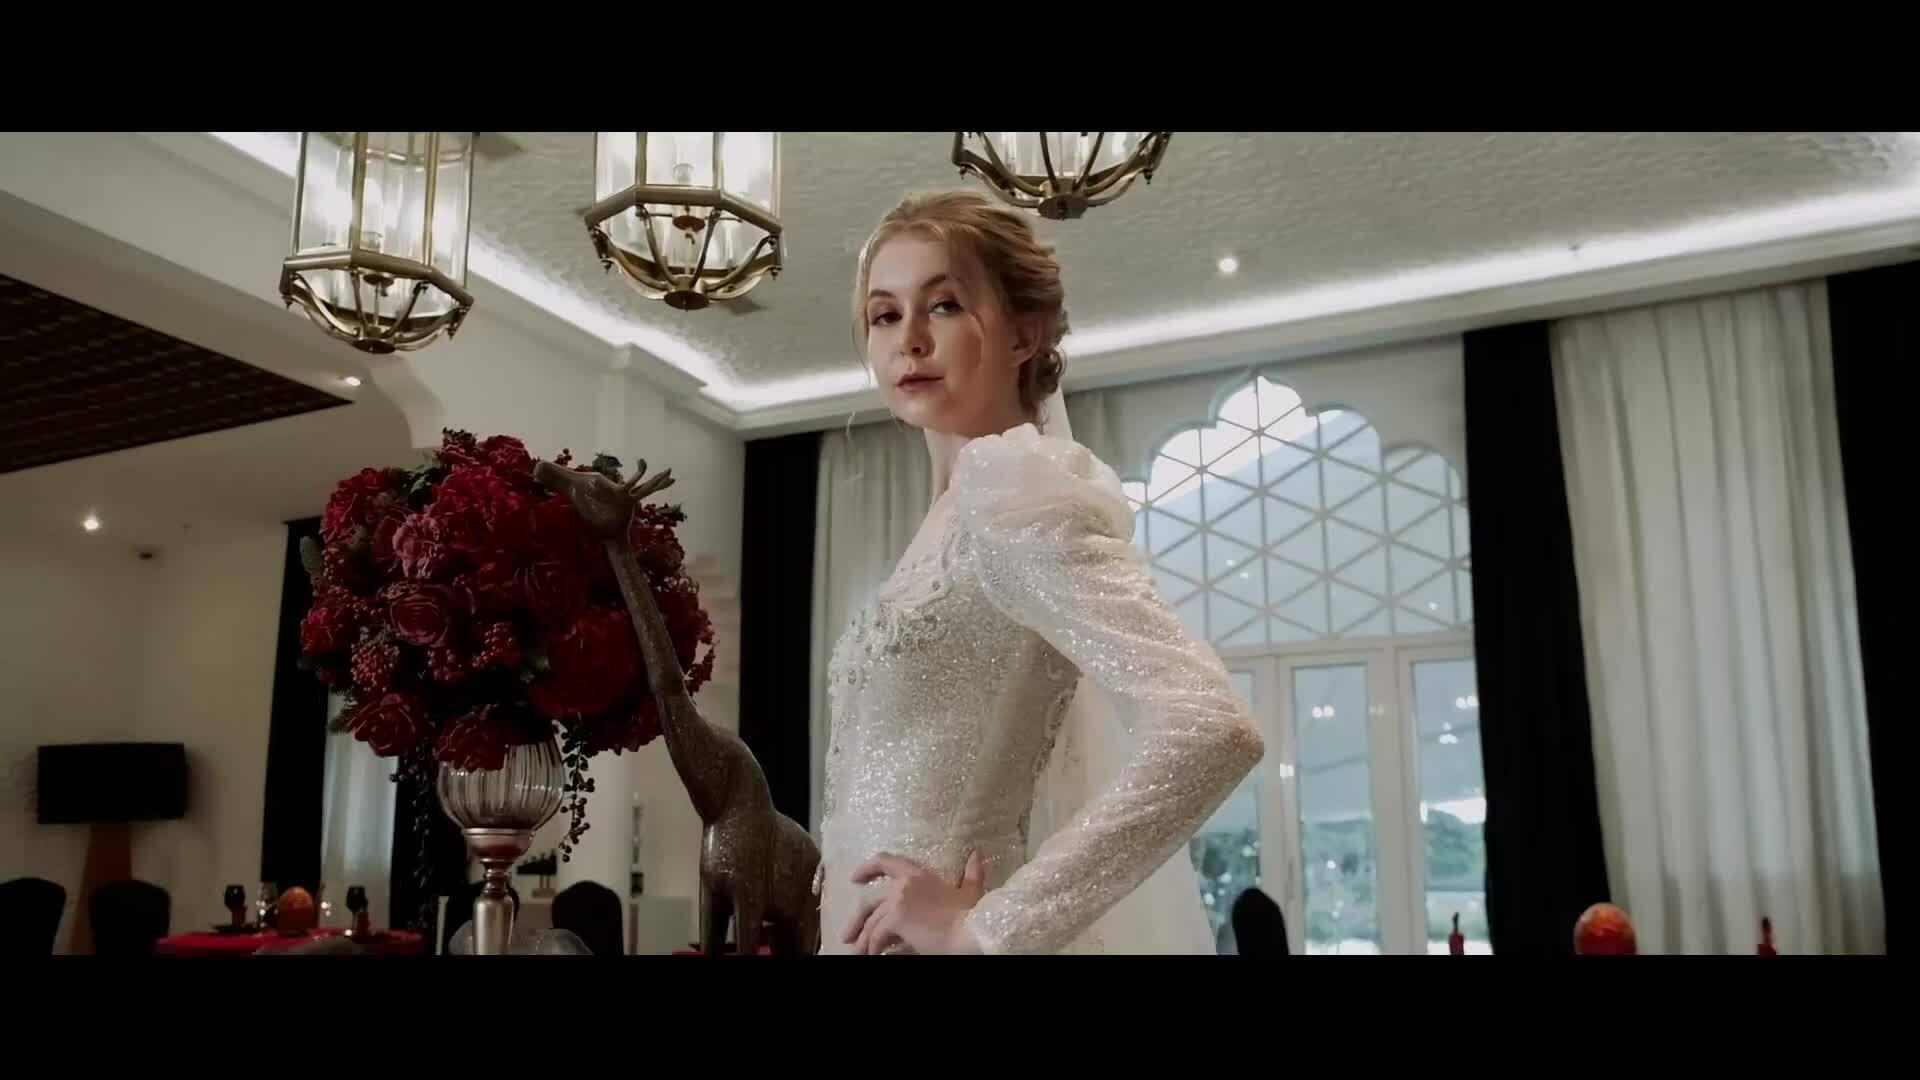 Váy cướimang âm hưởng hoàng gia